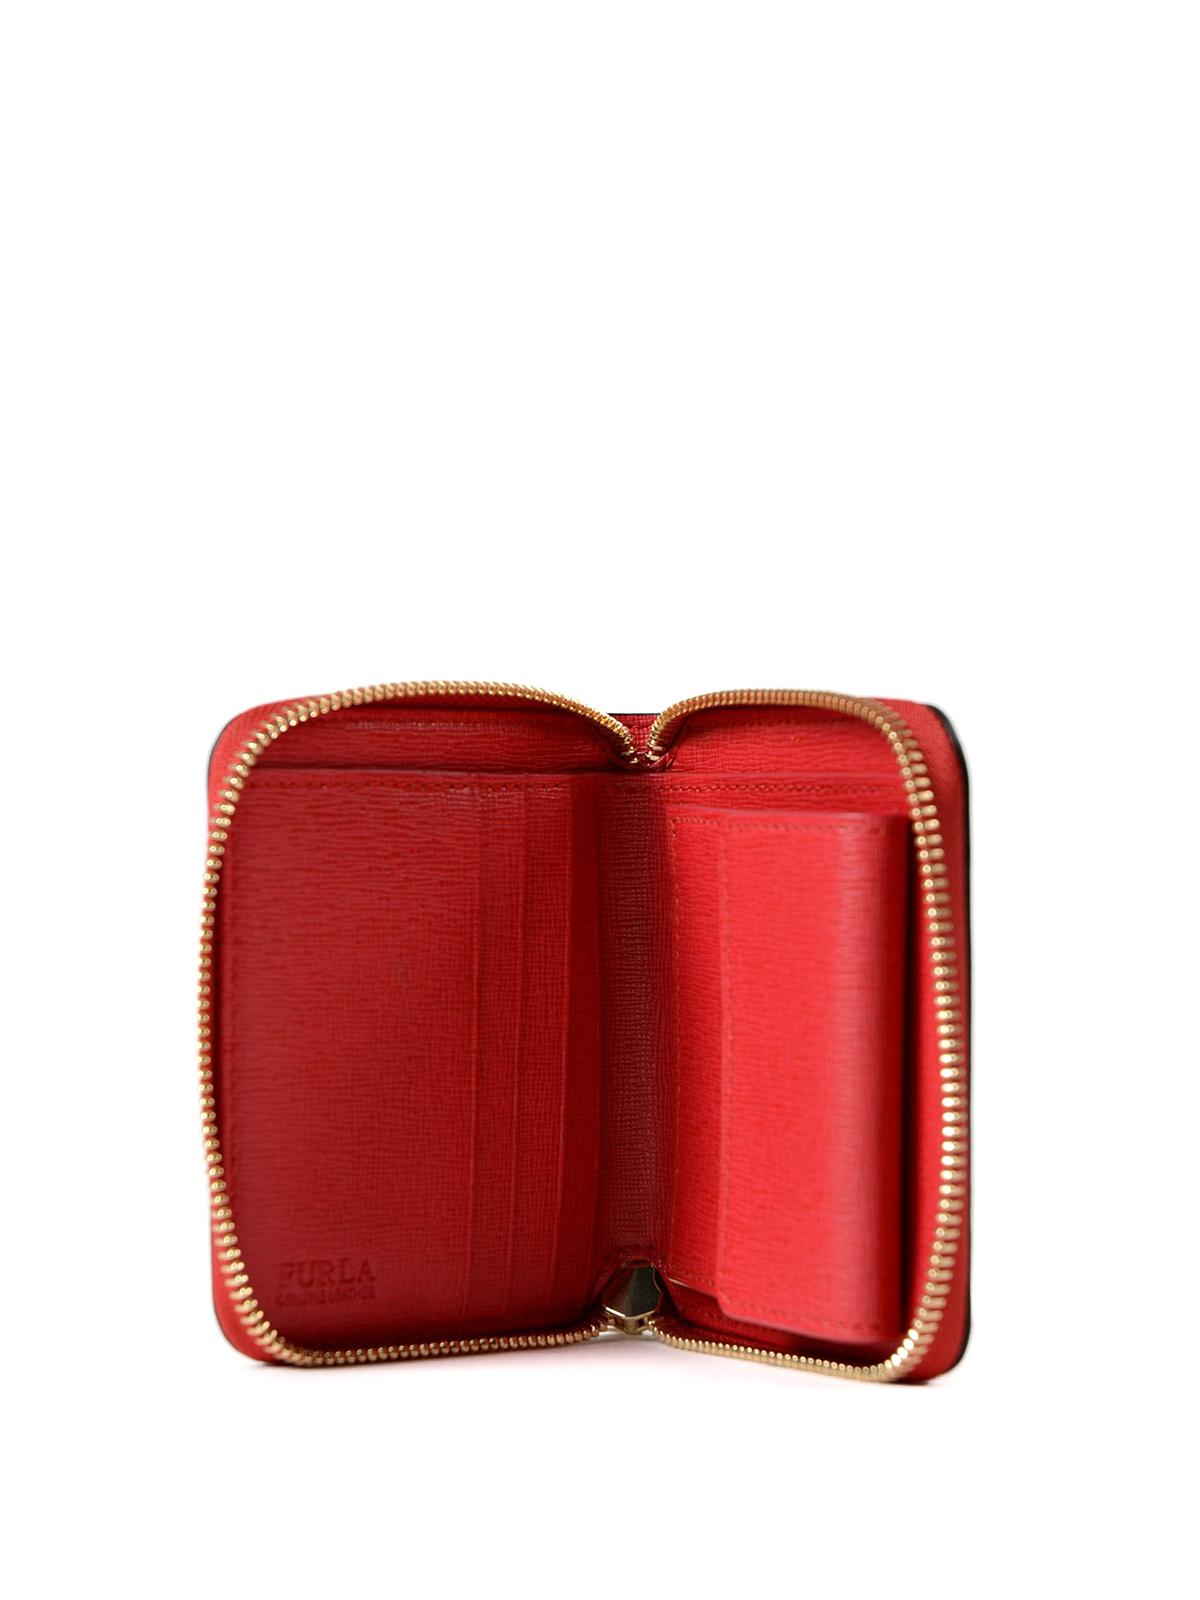 a basso prezzo 6a8ca 85685 Furla - Portafoglio rosso Babylon piccolo - portafogli - 908289